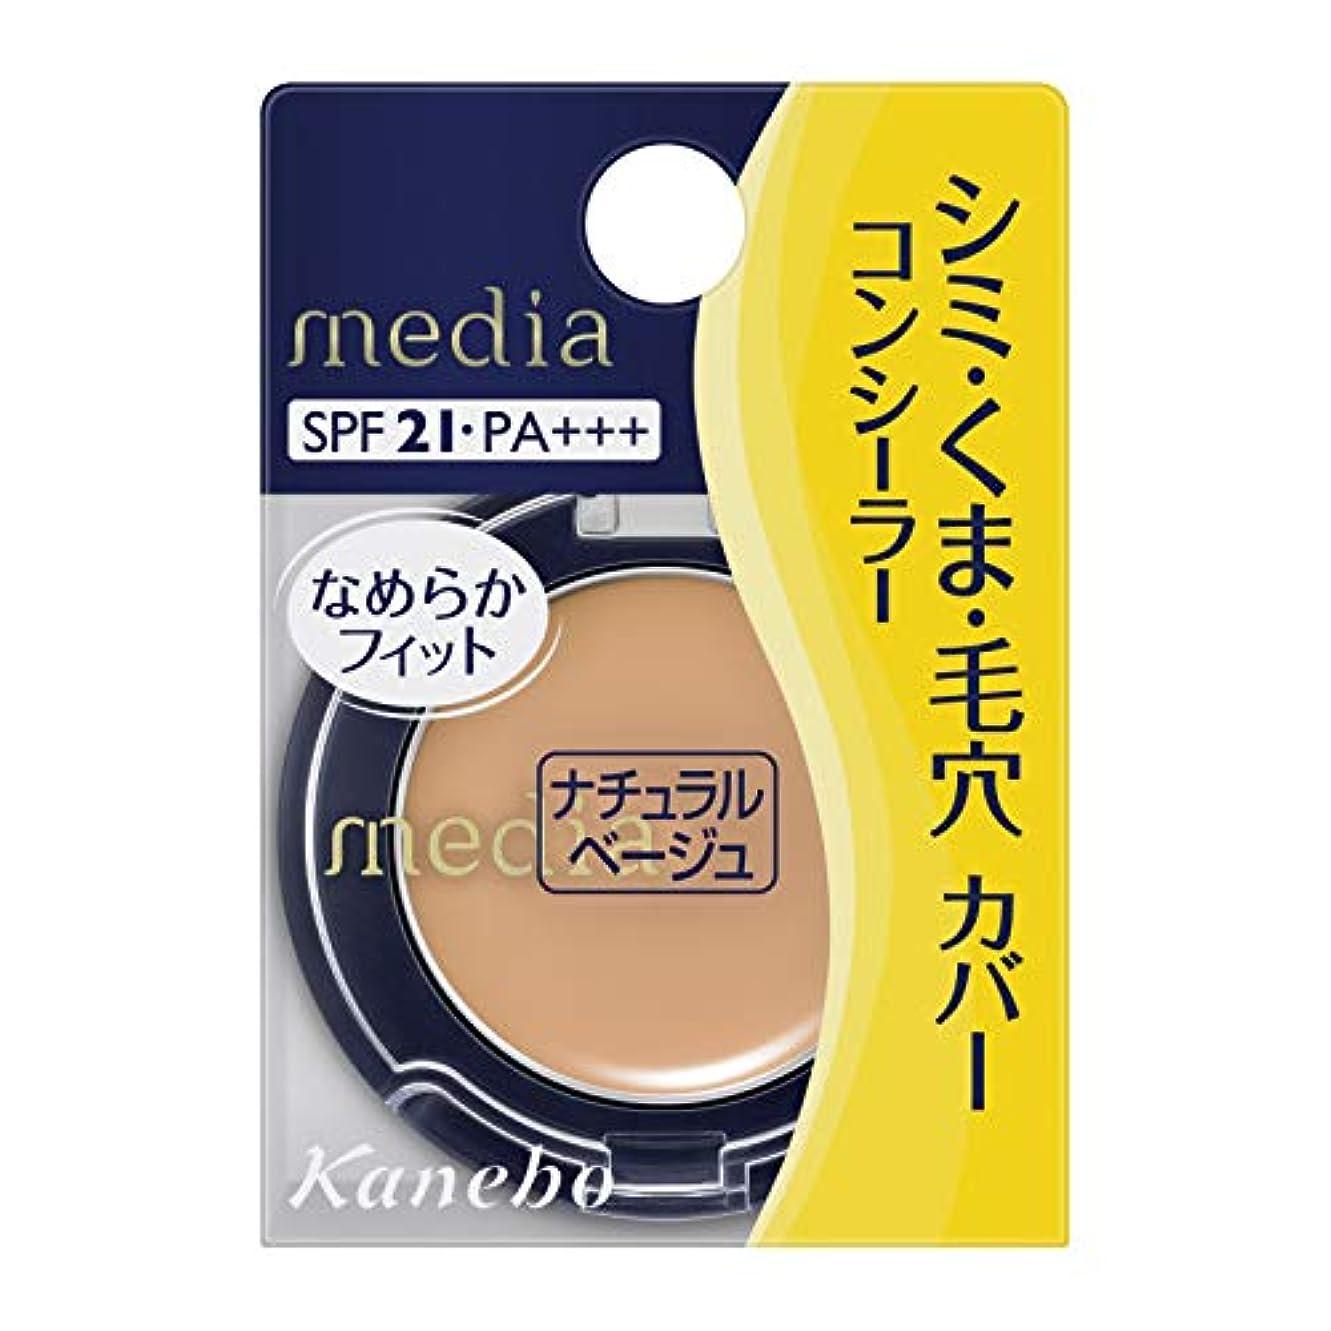 レジデンスロマンスショルダーカネボウ化粧品 メディア コンシーラー S ナチュラルベージュ 1.7g